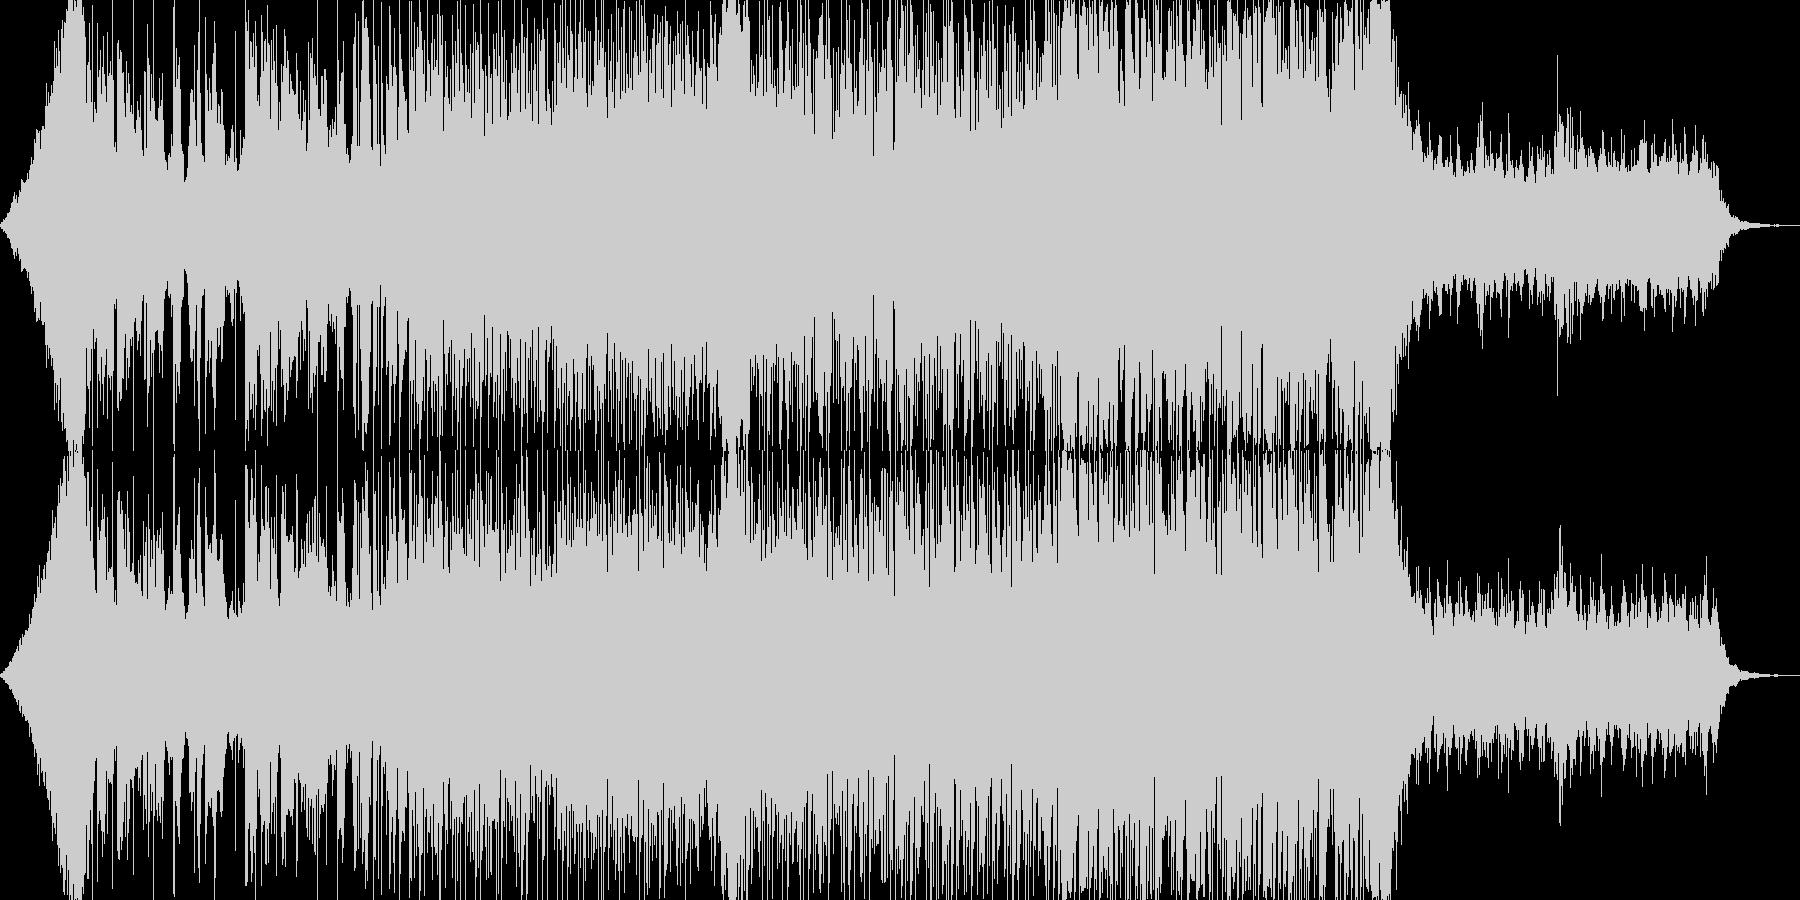 おしゃれクールカッコいいハウステクノBの未再生の波形